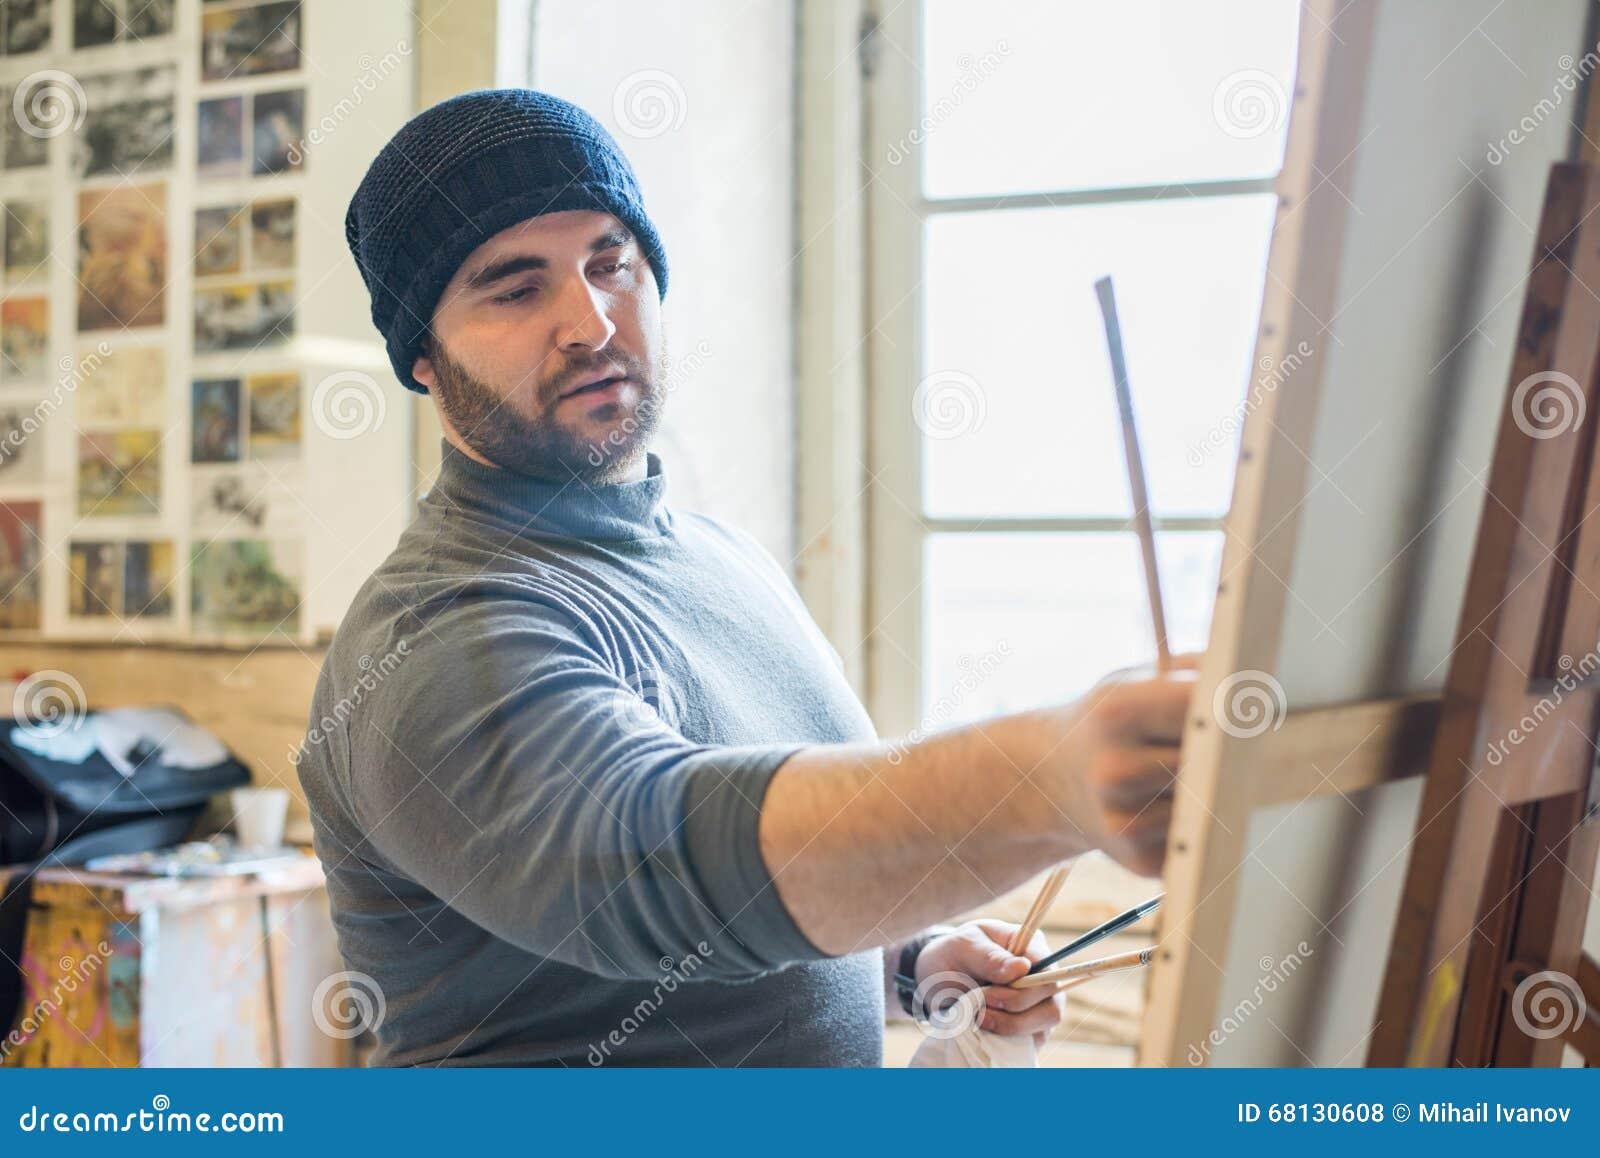 Καλλιτέχνης/δάσκαλος που χρωματίζει ένα έργο τέχνης - κλείστε επάνω την άποψη